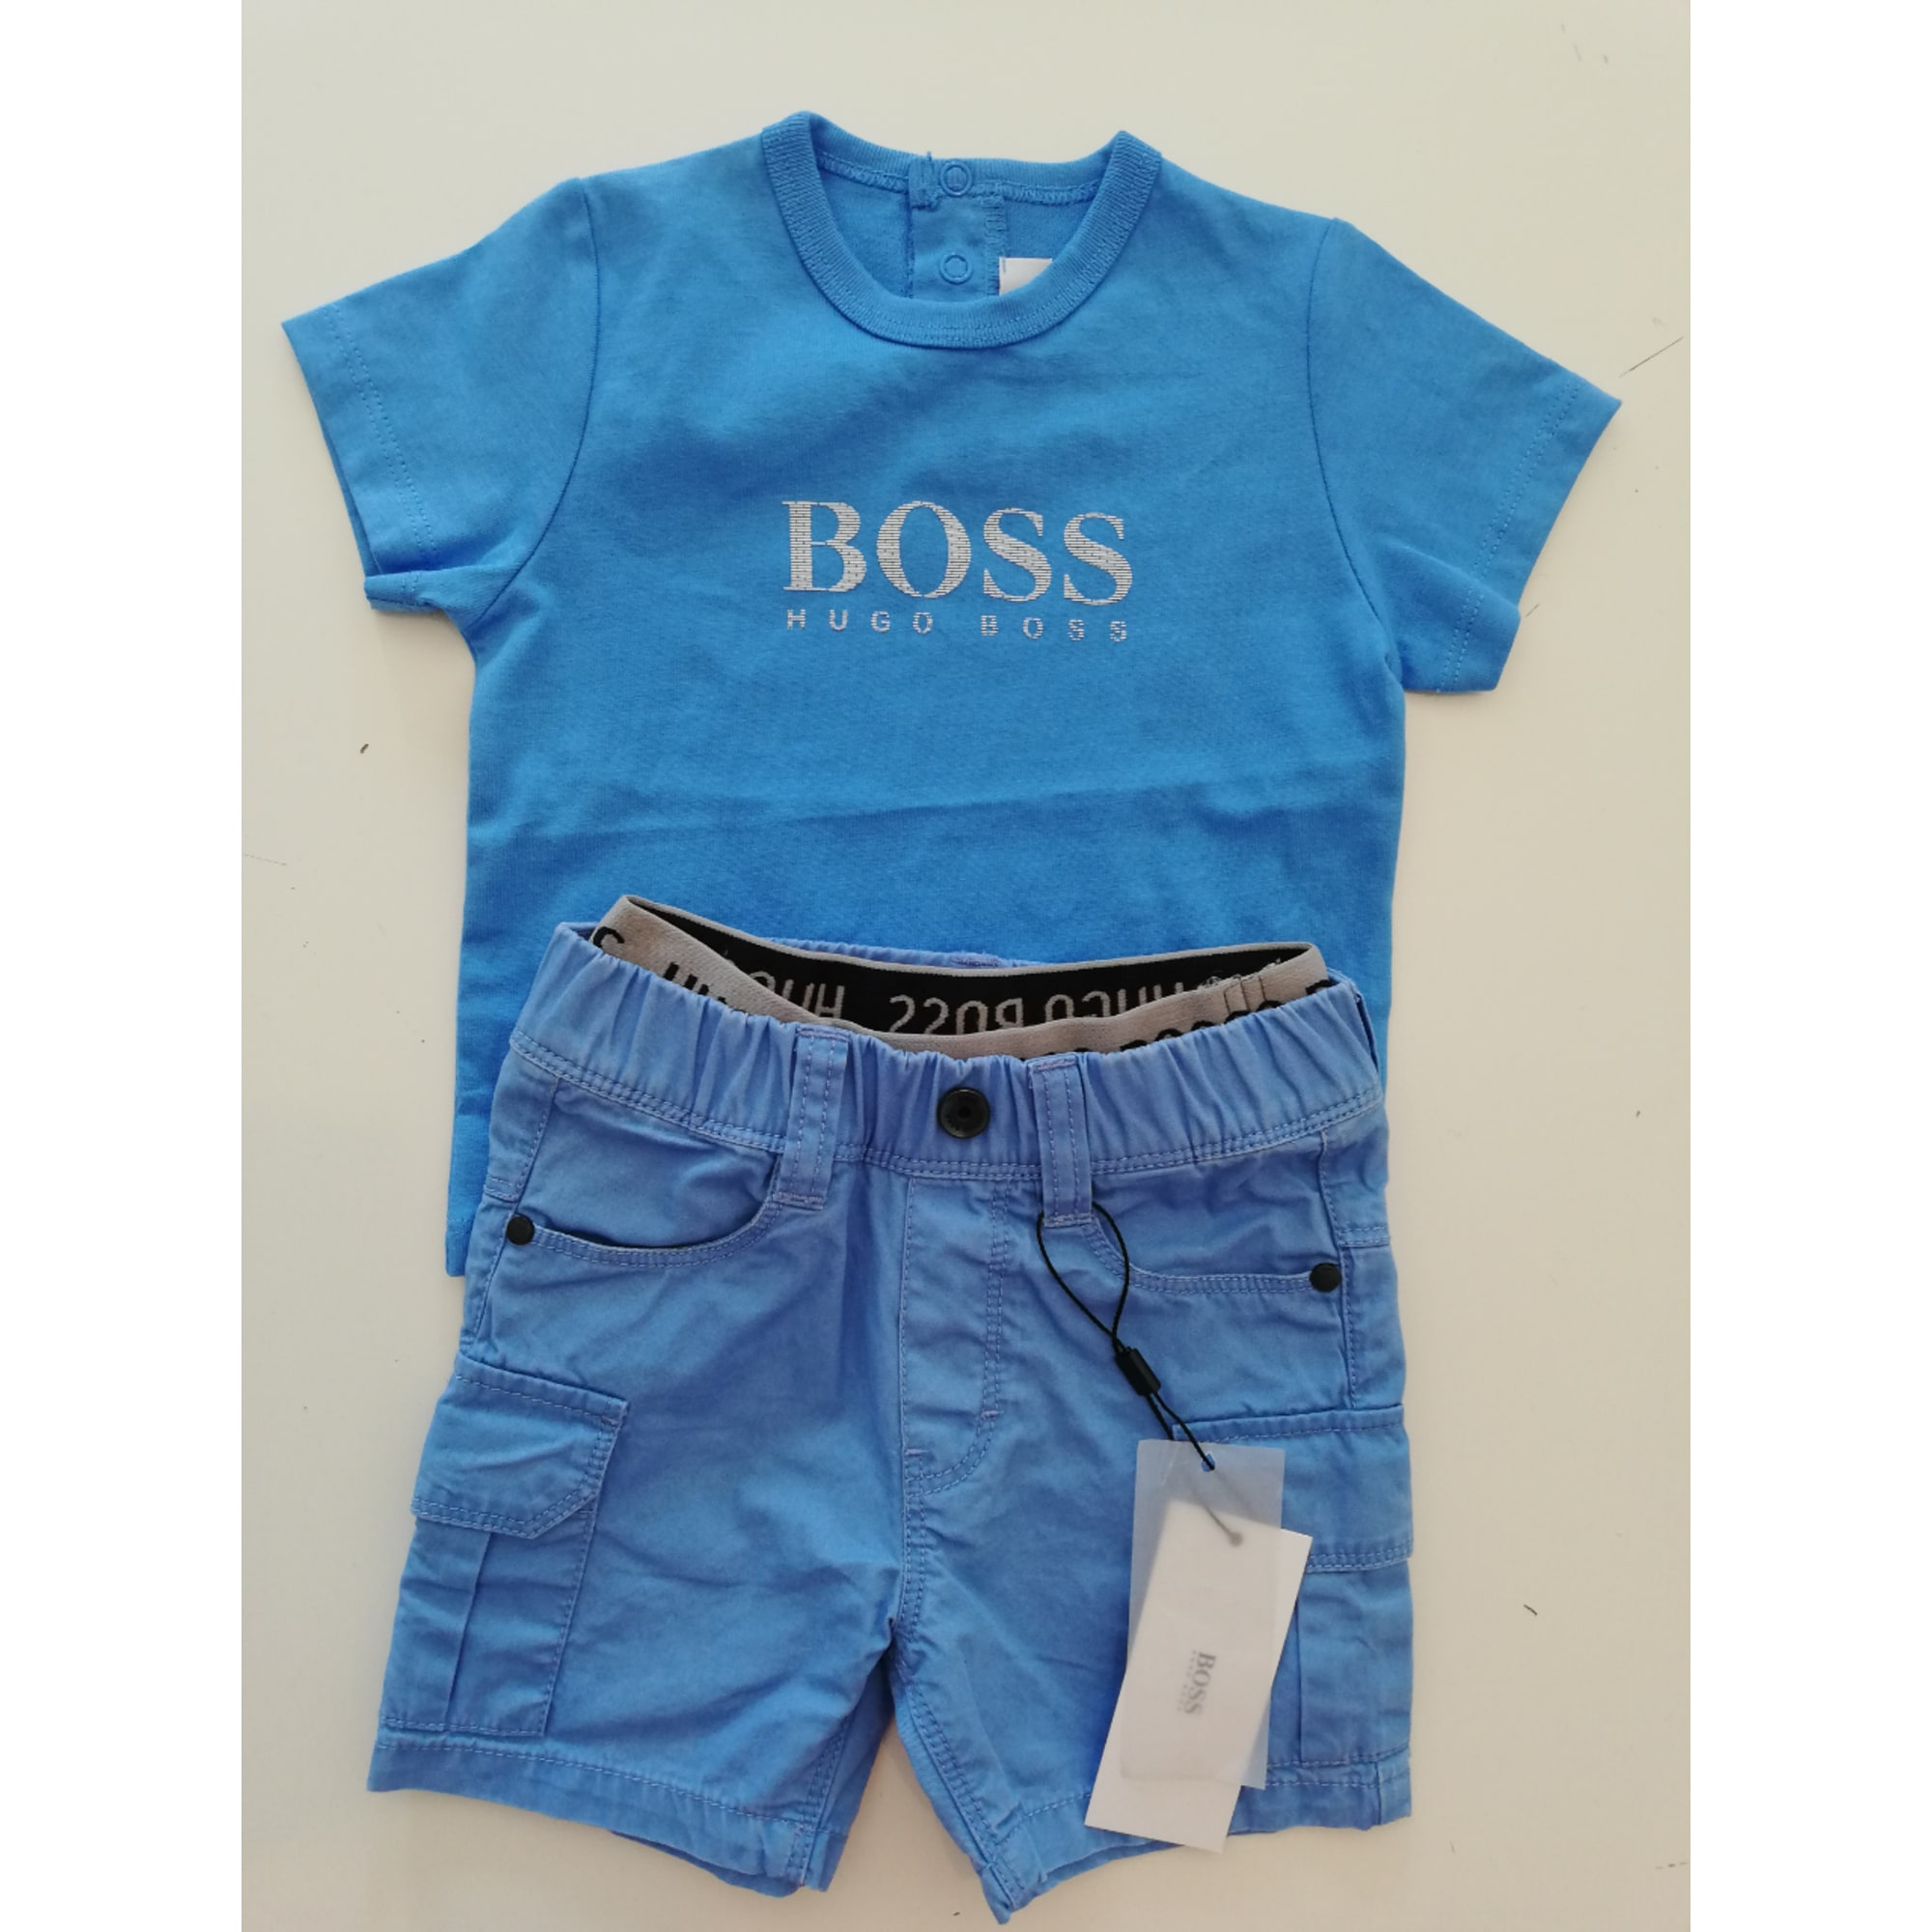 9401d2d9a39e5 Ensemble   Combinaison short HUGO BOSS coton bleu 6 mois